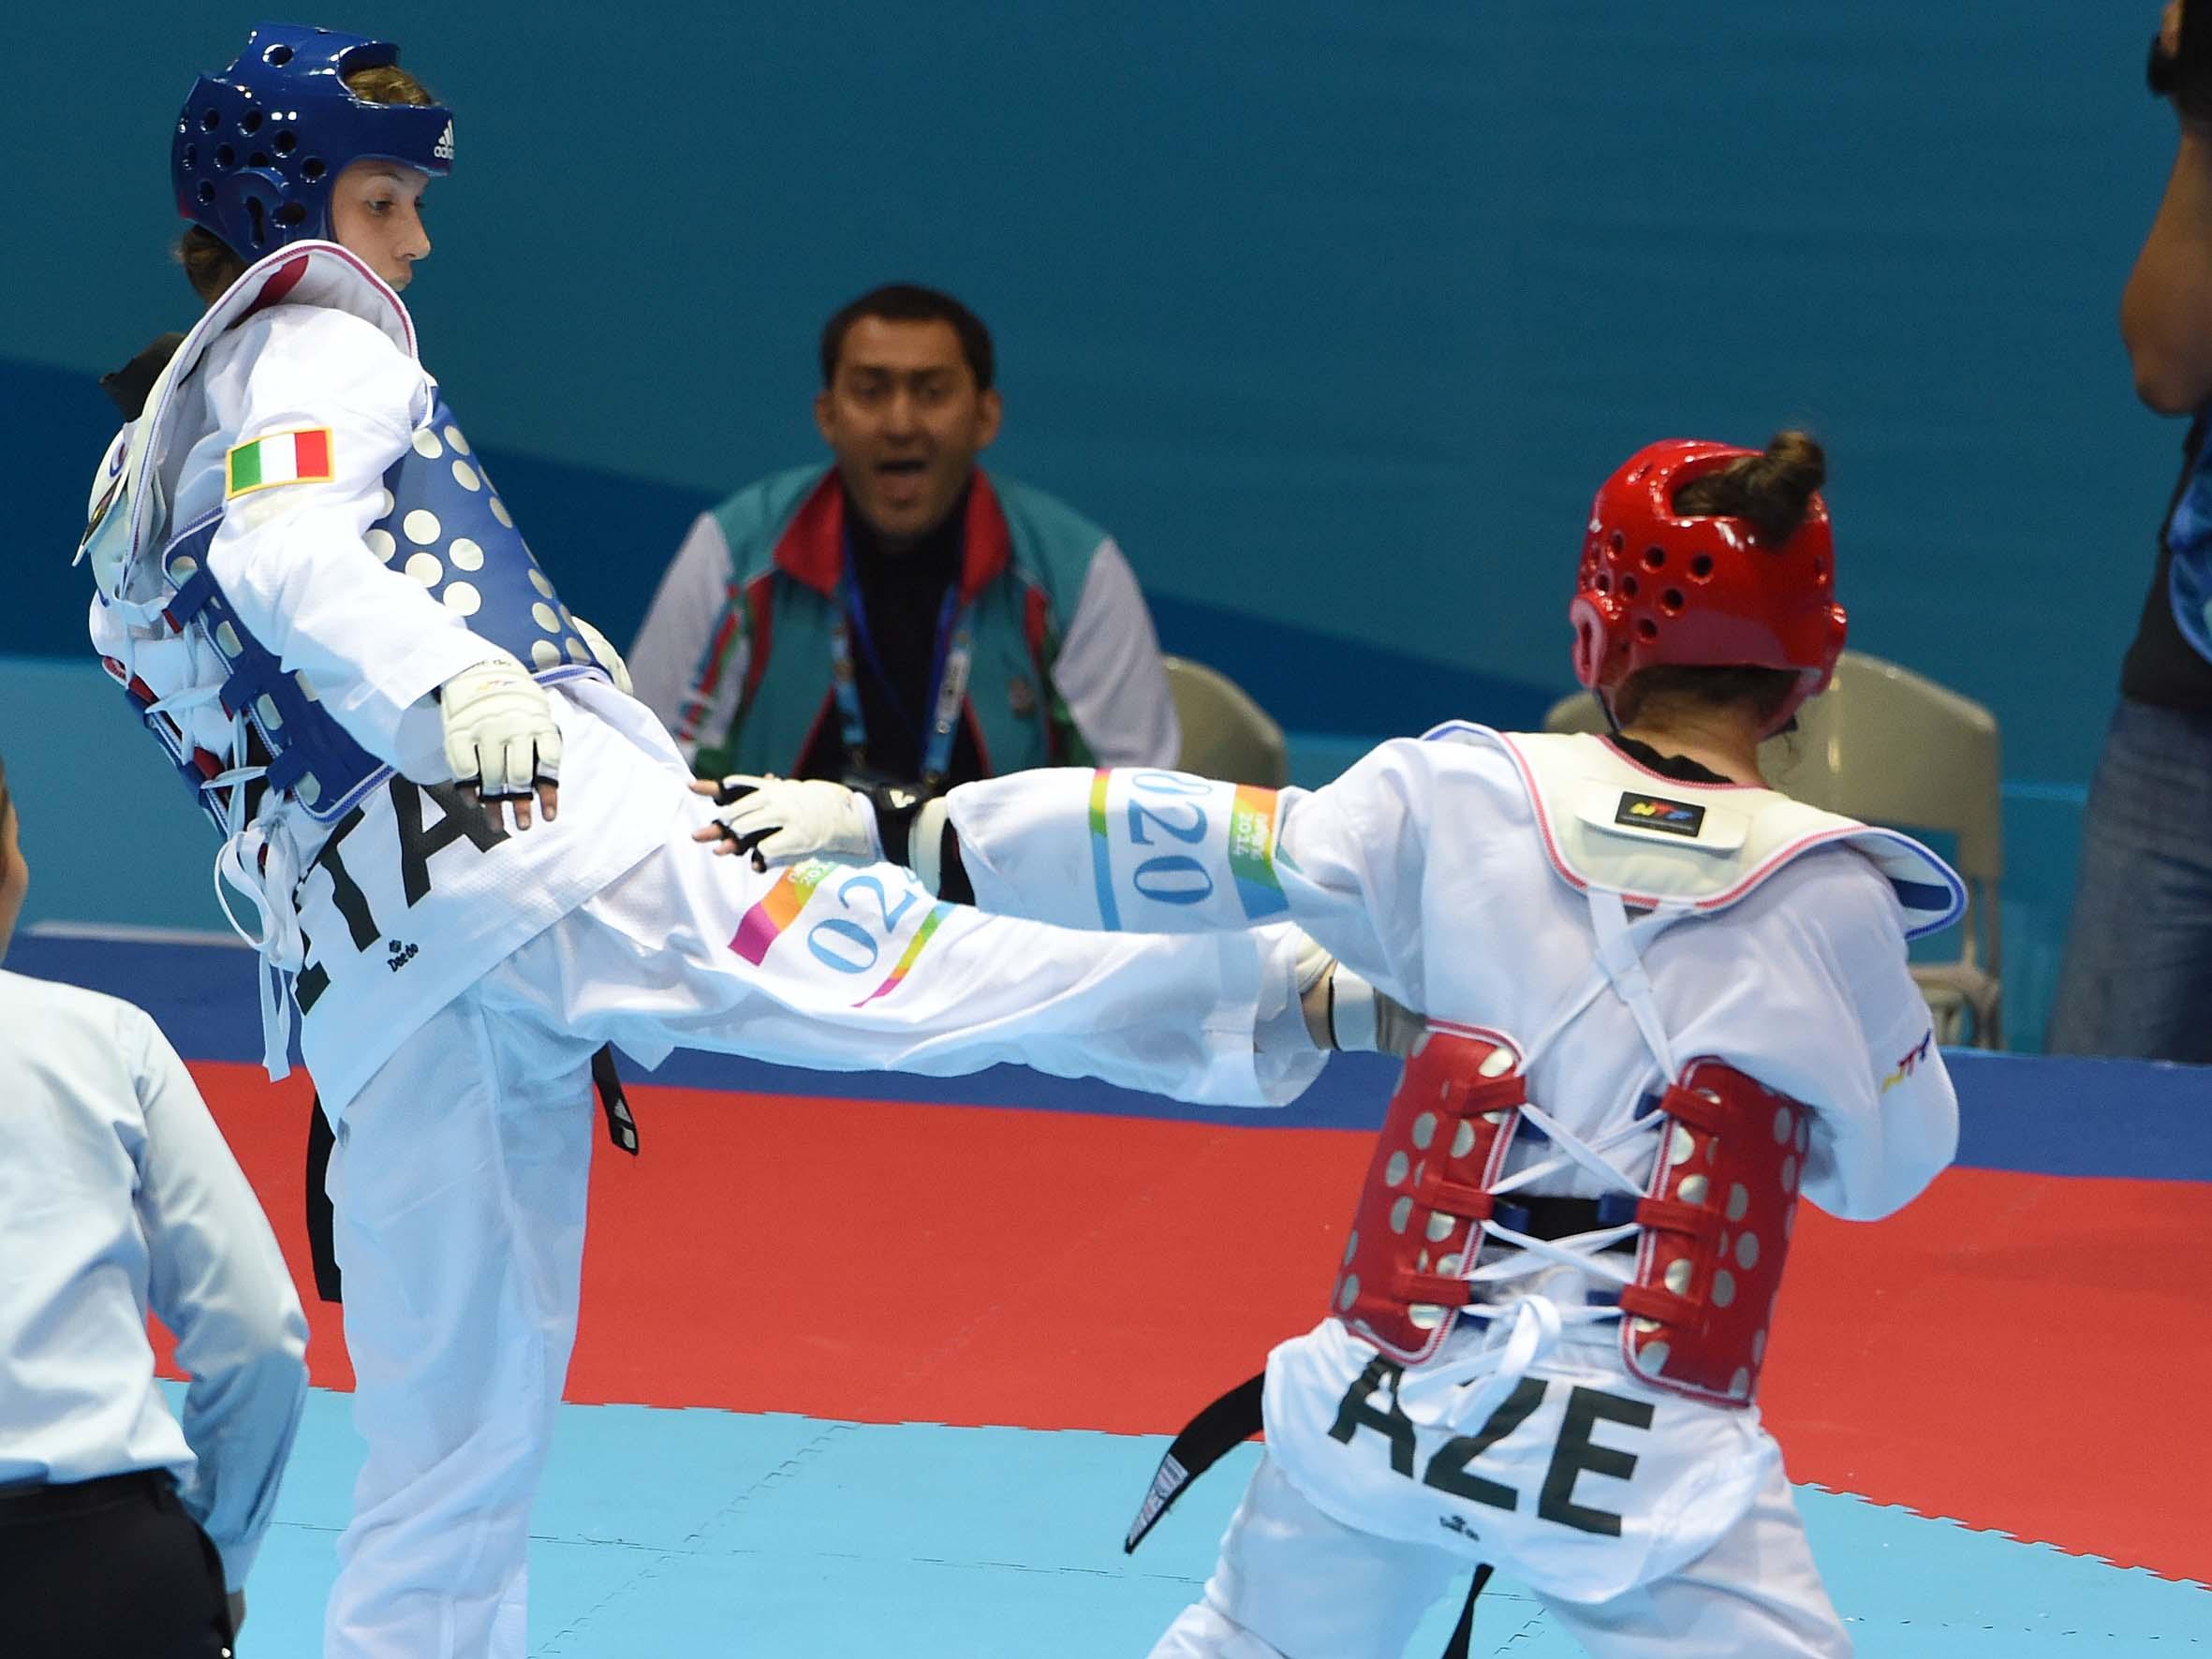 Taekwondo-55 Kg Donne 09